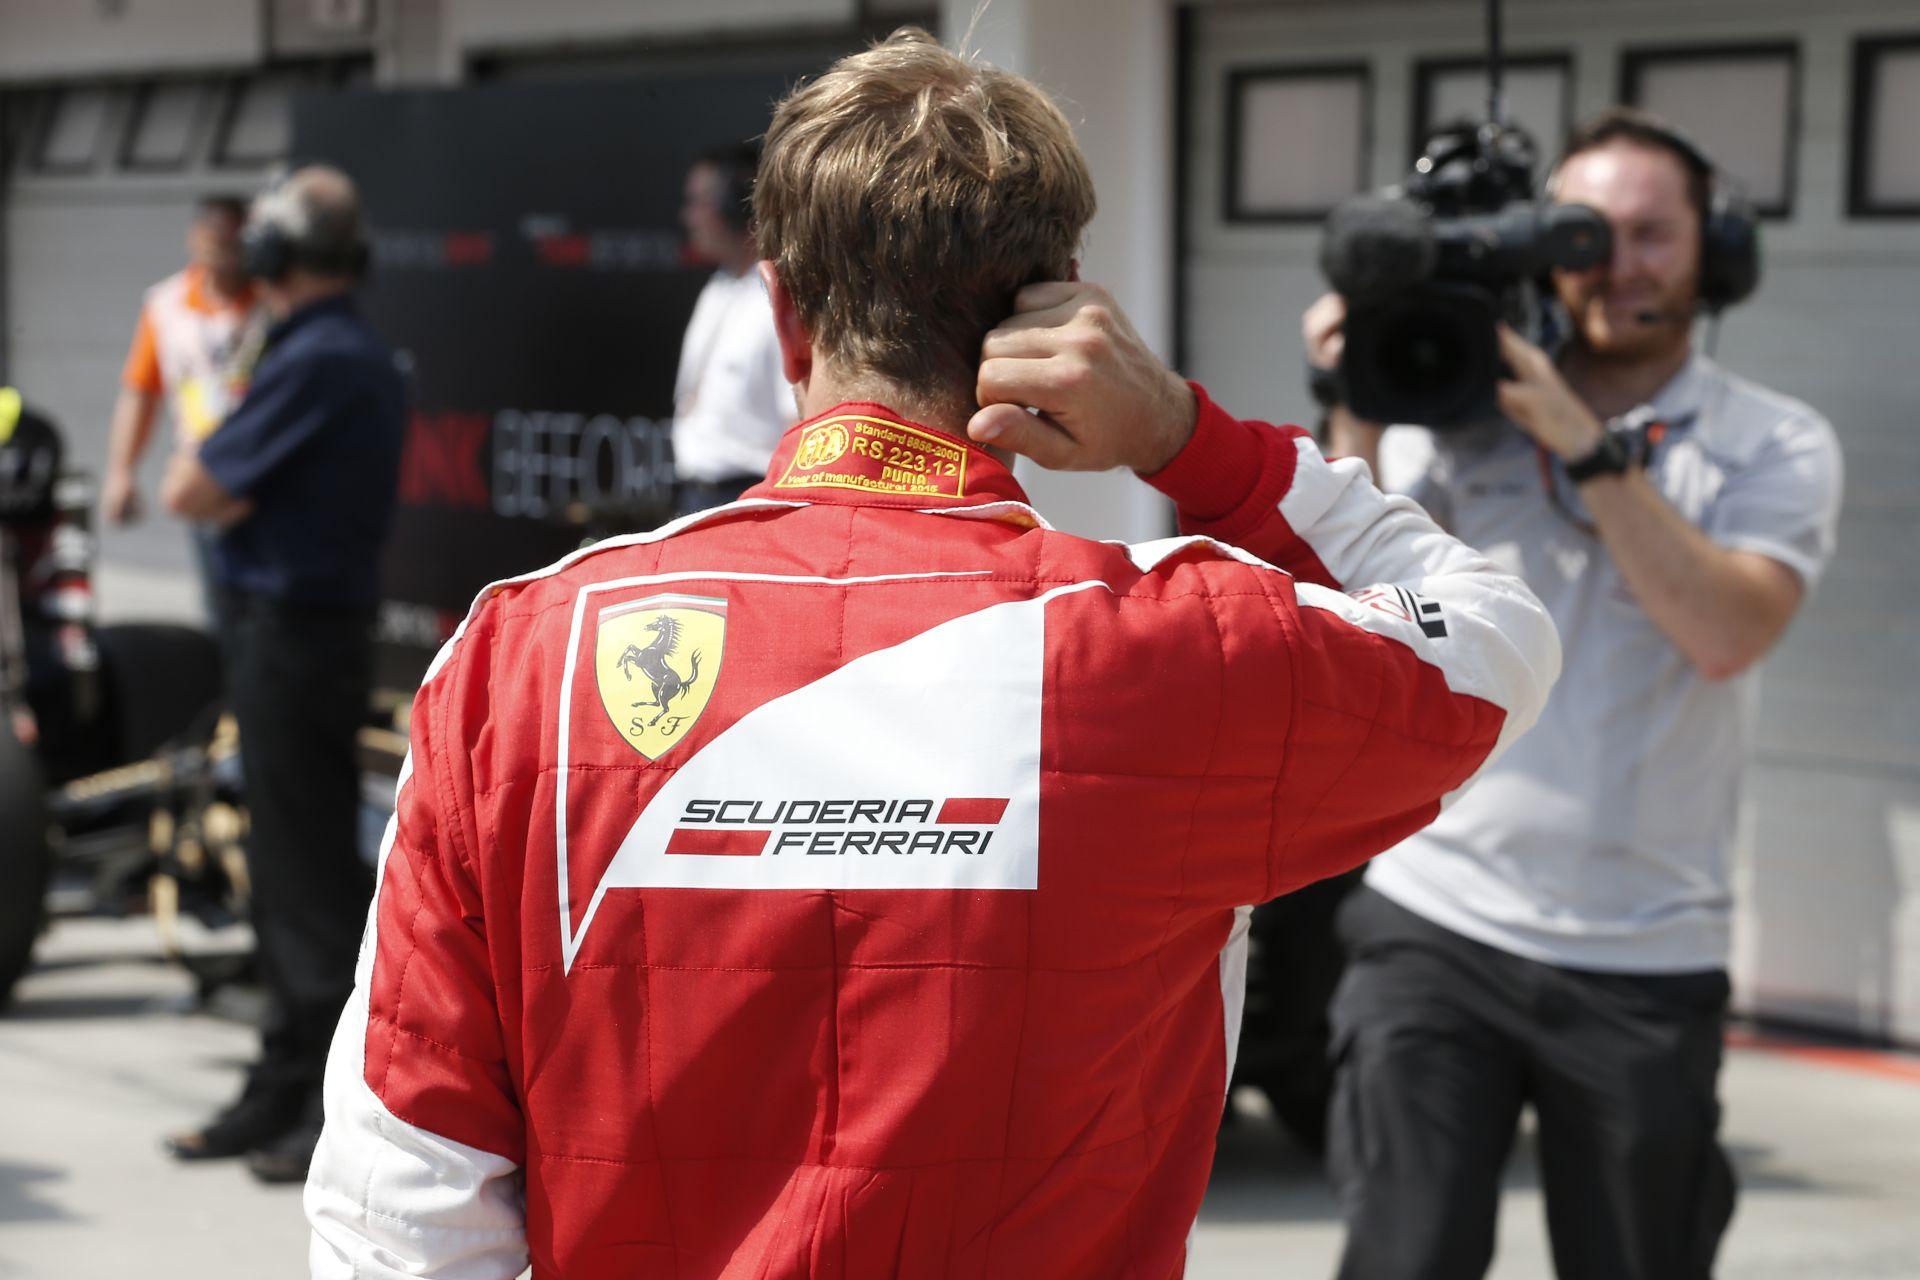 Vettel nyerte a drámai 30. Magyar Nagydíjat a Ferrarival Kvyat és Ricciardo előtt!  Verstappen 4., Alonso 5., Hamilton 6., Rosbe